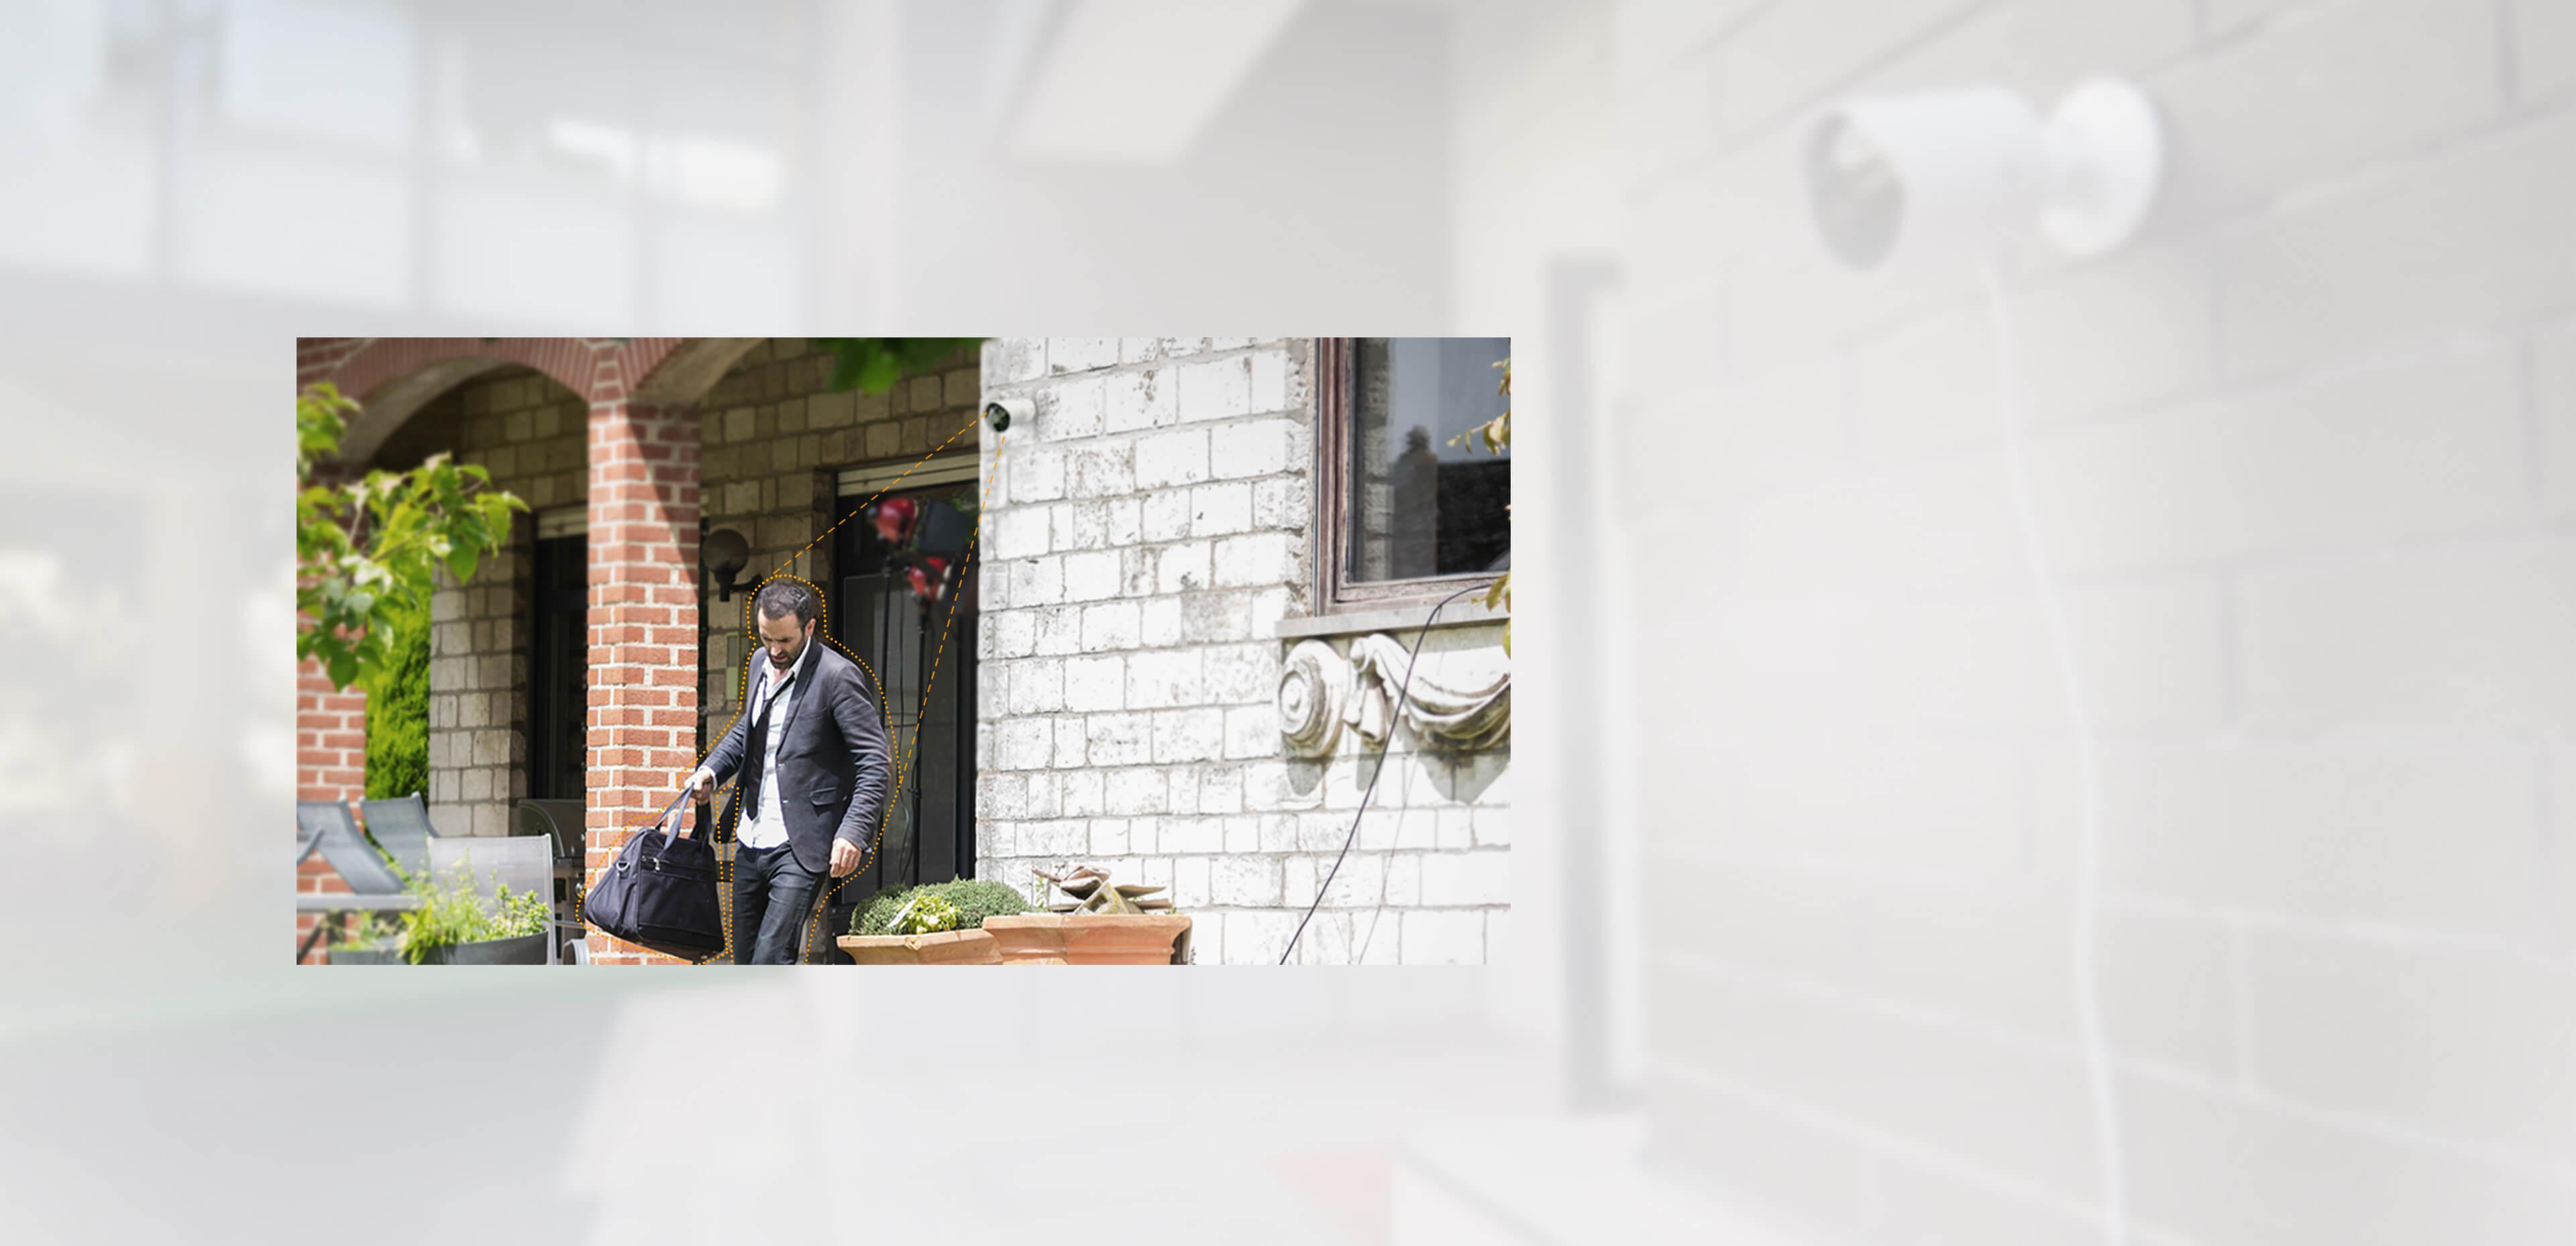 YI Outdoor Camera   YI Technology